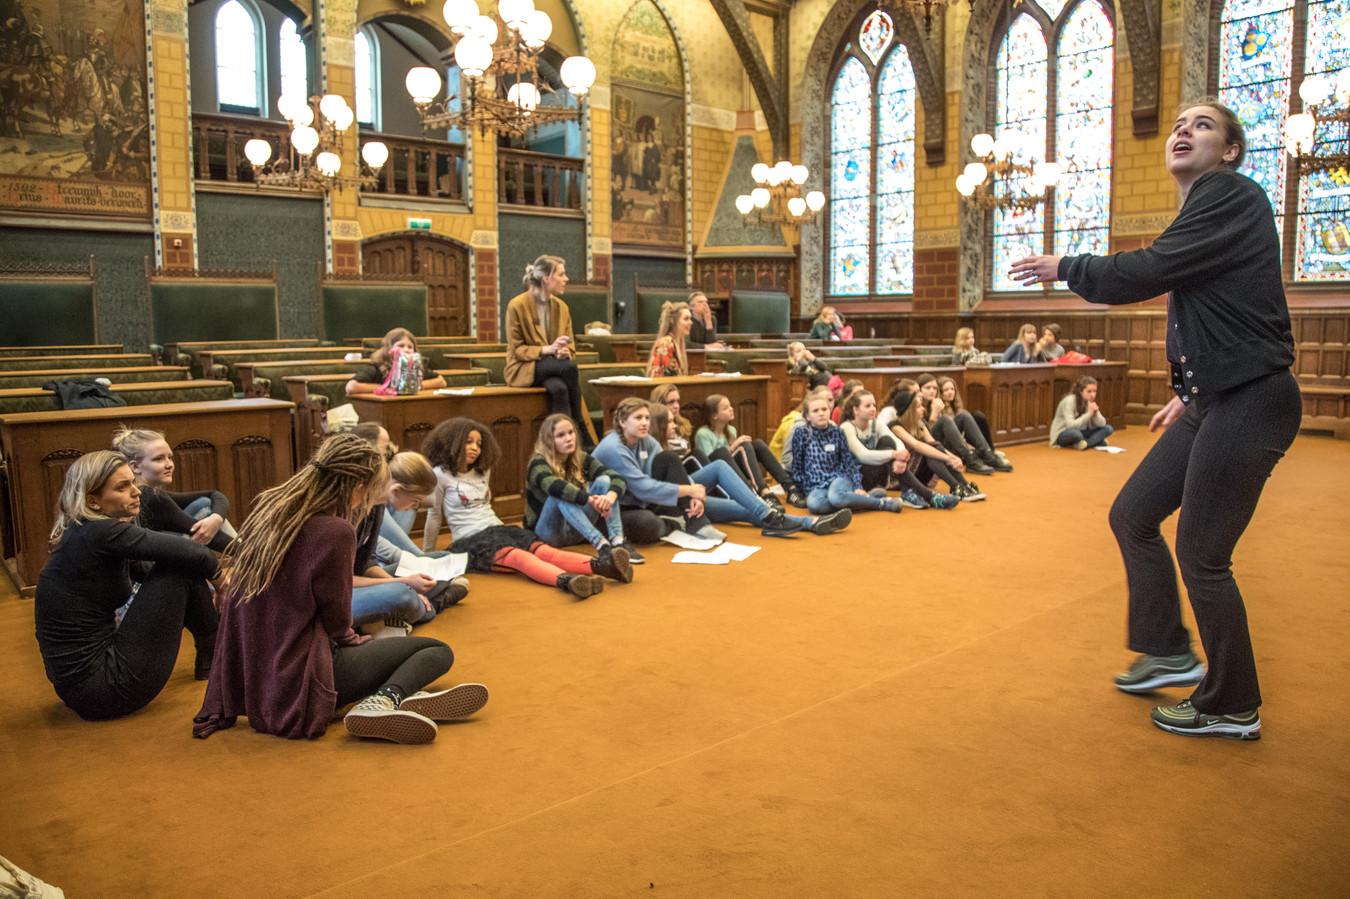 De audities voor het theaterspektakel werden in de Oude Statenzaal in Zwolle gehouden. Foto Frans Paalman Zwolle © 2018